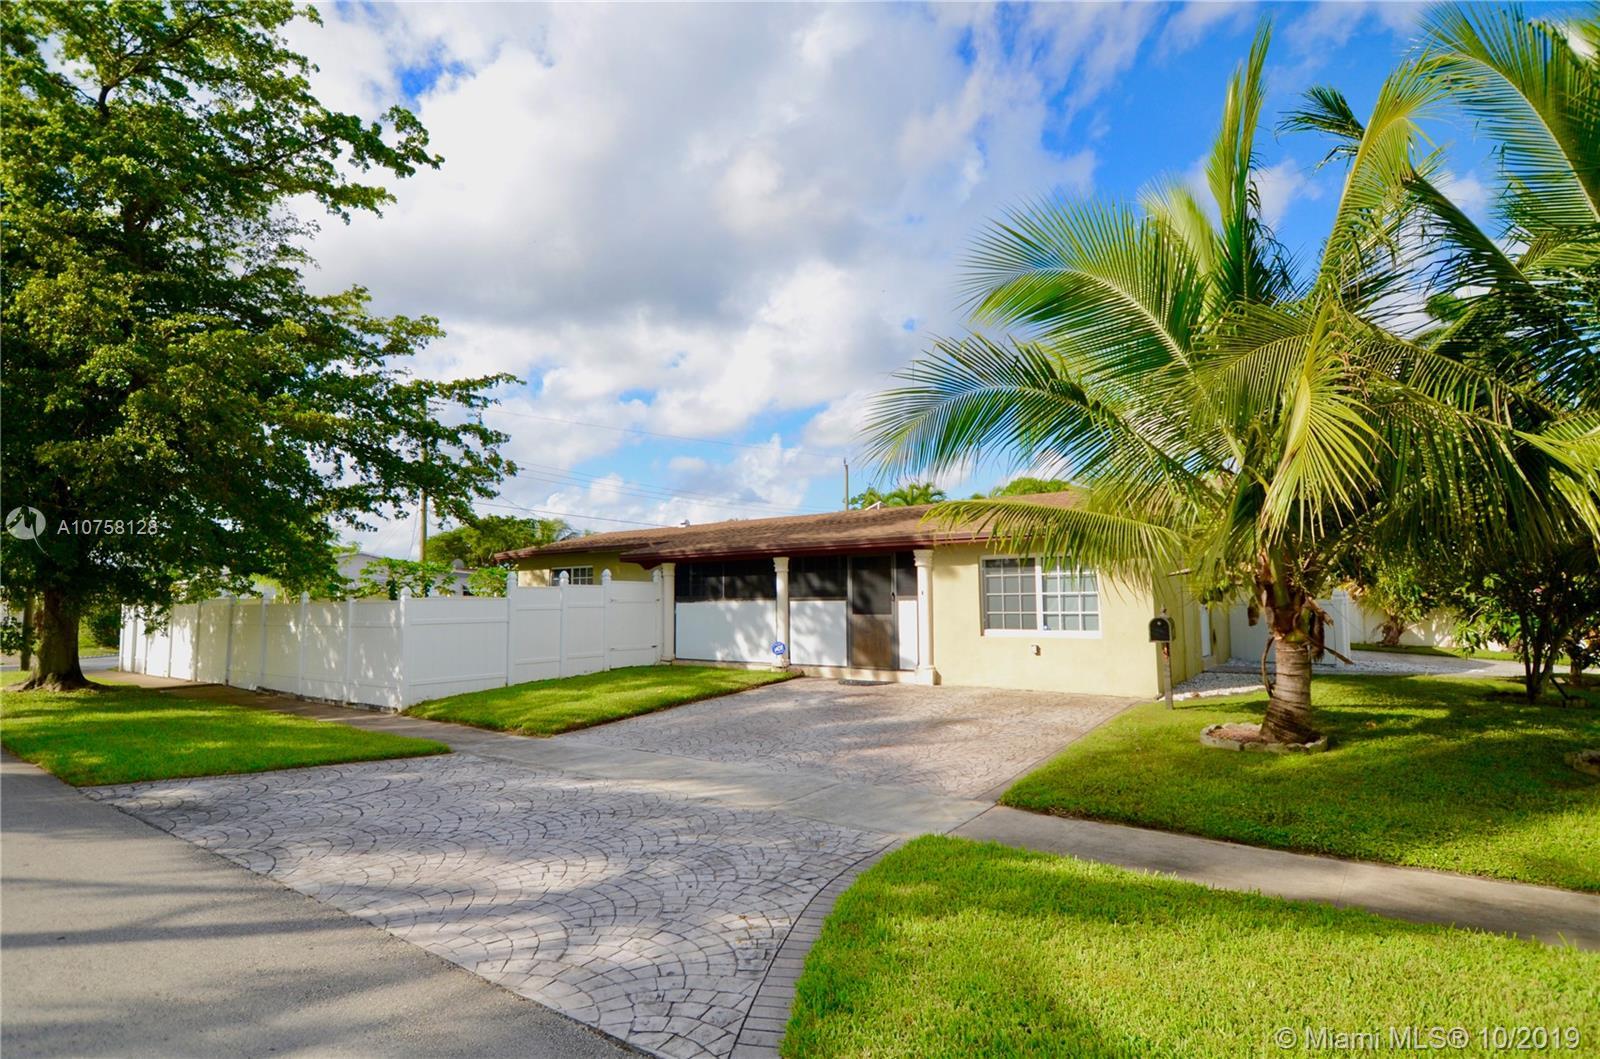 7400 Buchanan St, Hollywood, FL 33024 - Hollywood, FL real estate listing